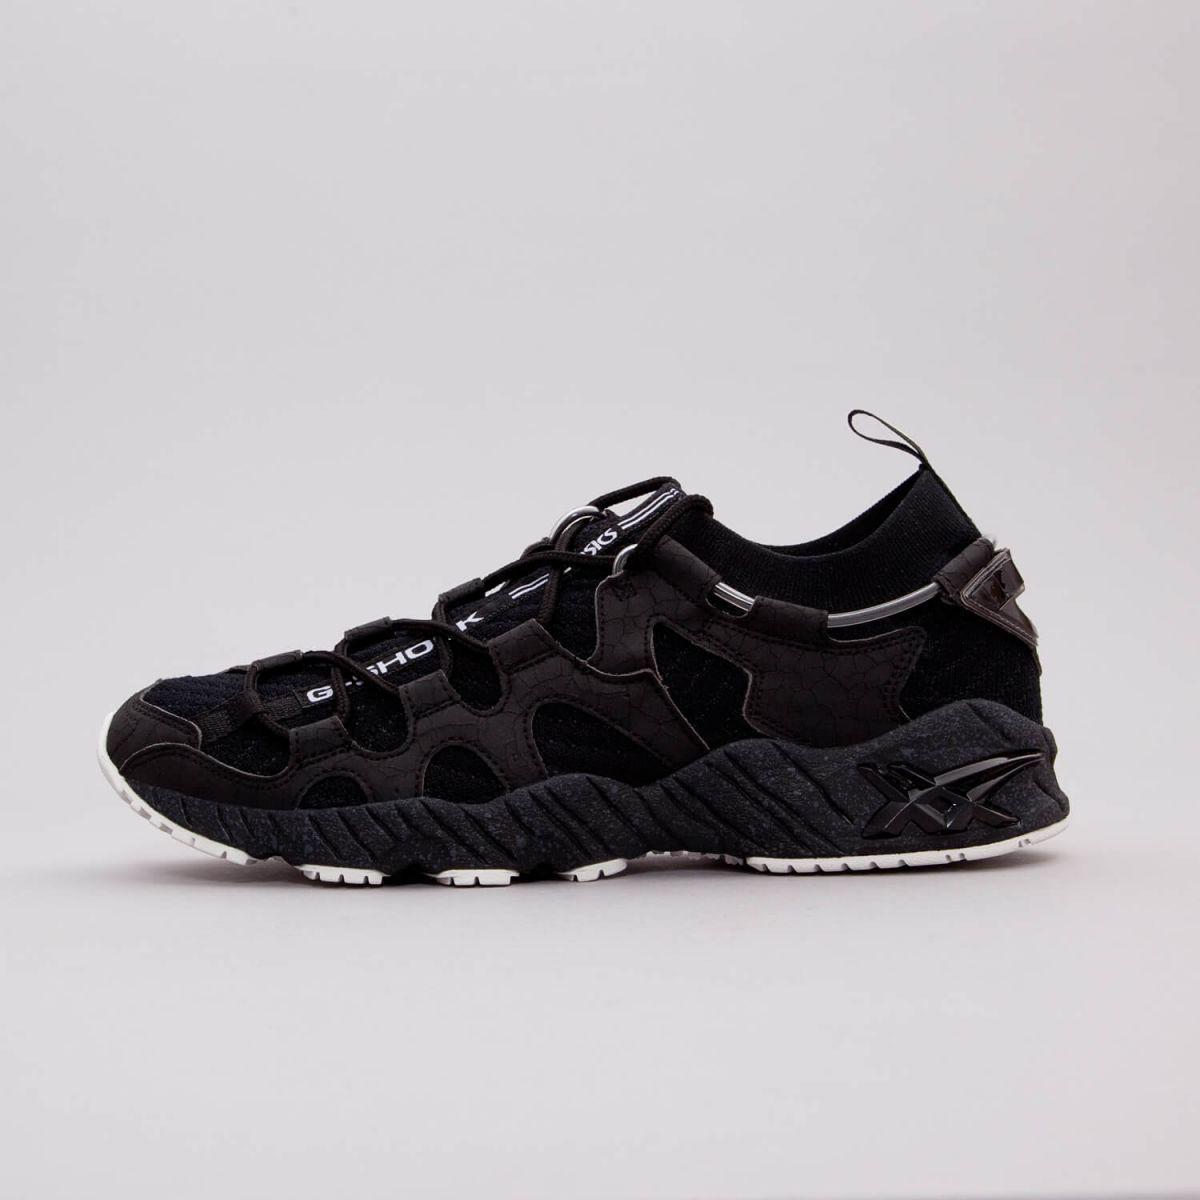 Оригинальные мужские кроссовки Asics Gel Mai Knit  продажа, цена в ... 4ec4363ef5e